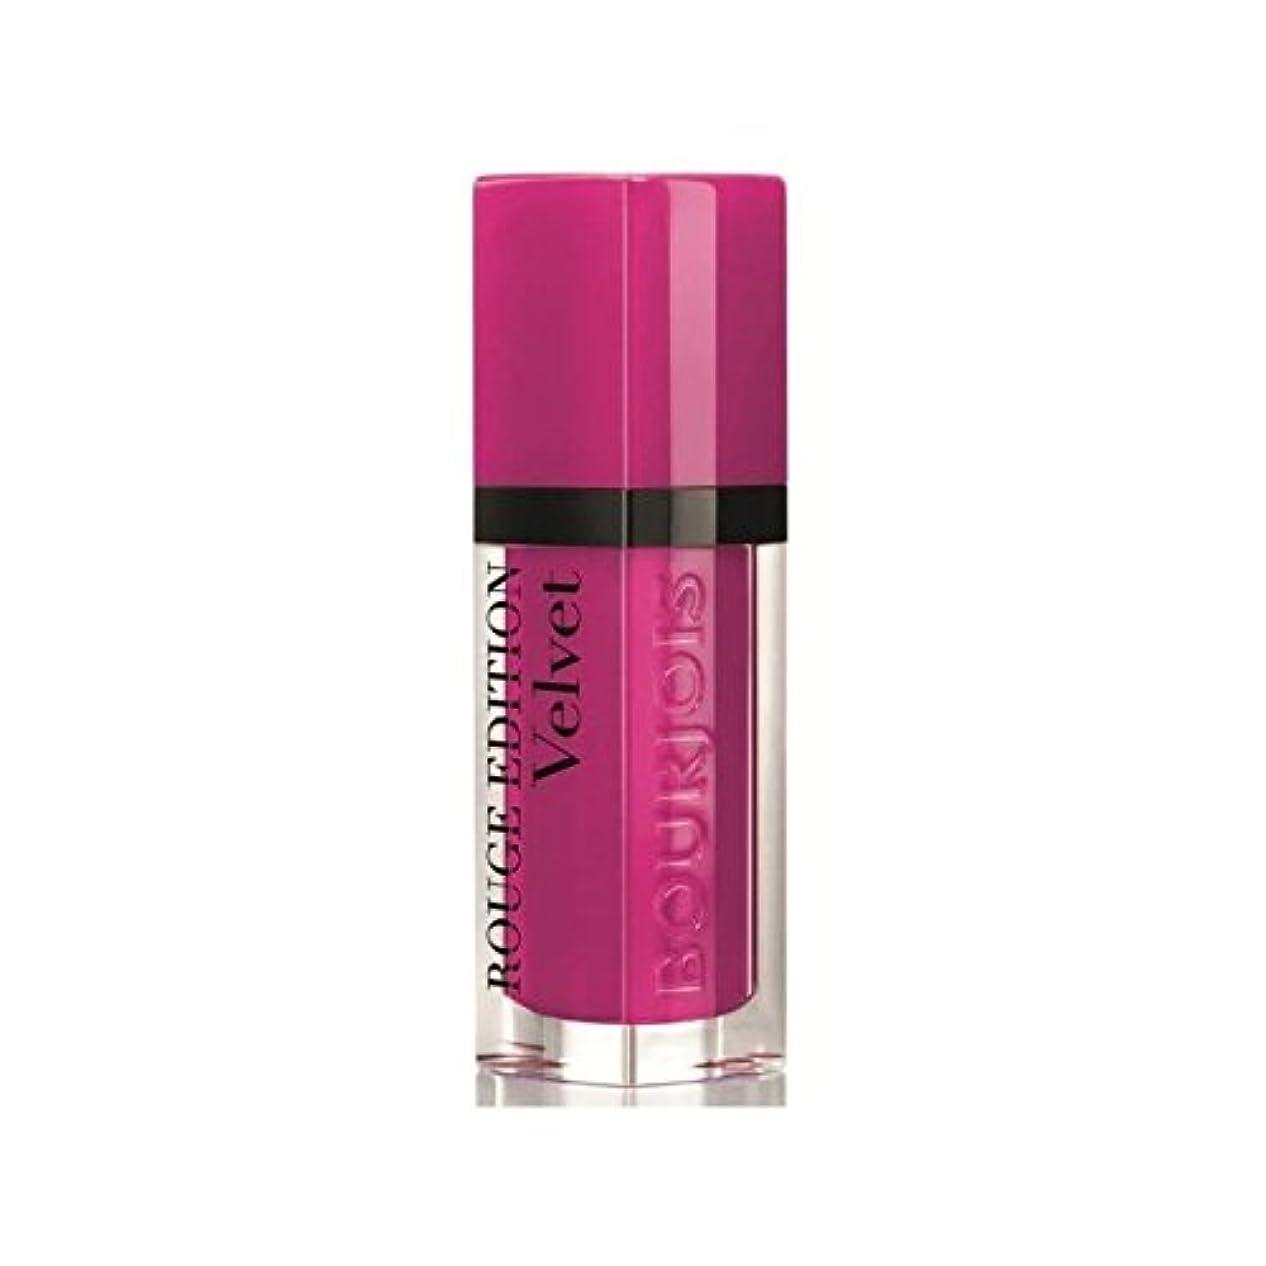 拍車シェルスリンクブルジョワルージュ版ベルベットの口紅ピンクピンポン6 x2 - Bourjois Rouge Edition Velvet lipstick Pink Pong 6 (Pack of 2) [並行輸入品]